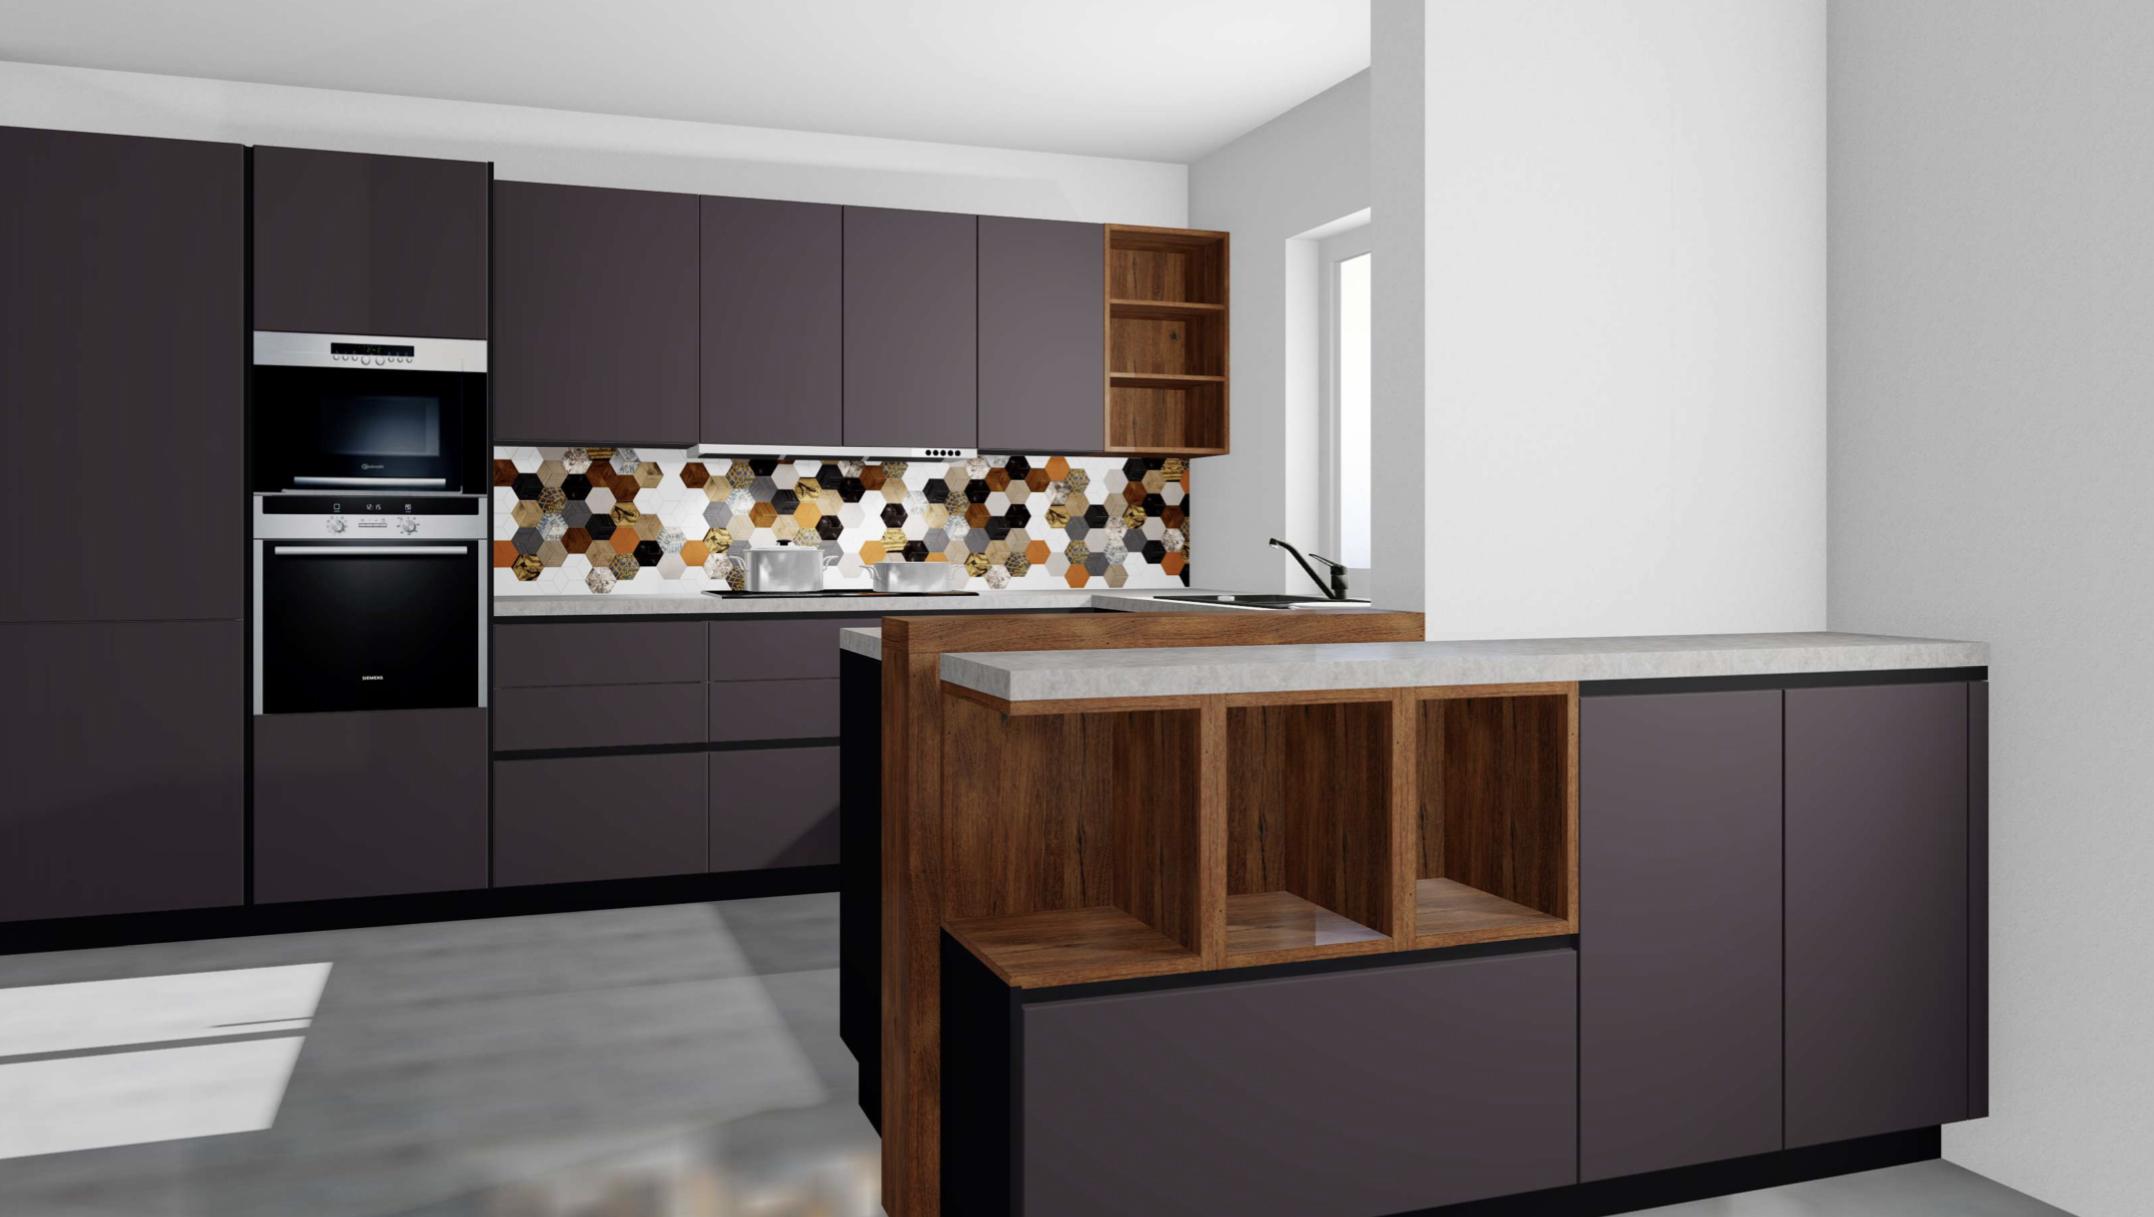 Meine neue Traumküche von Alno in anthrazit - dunkle Küche mit